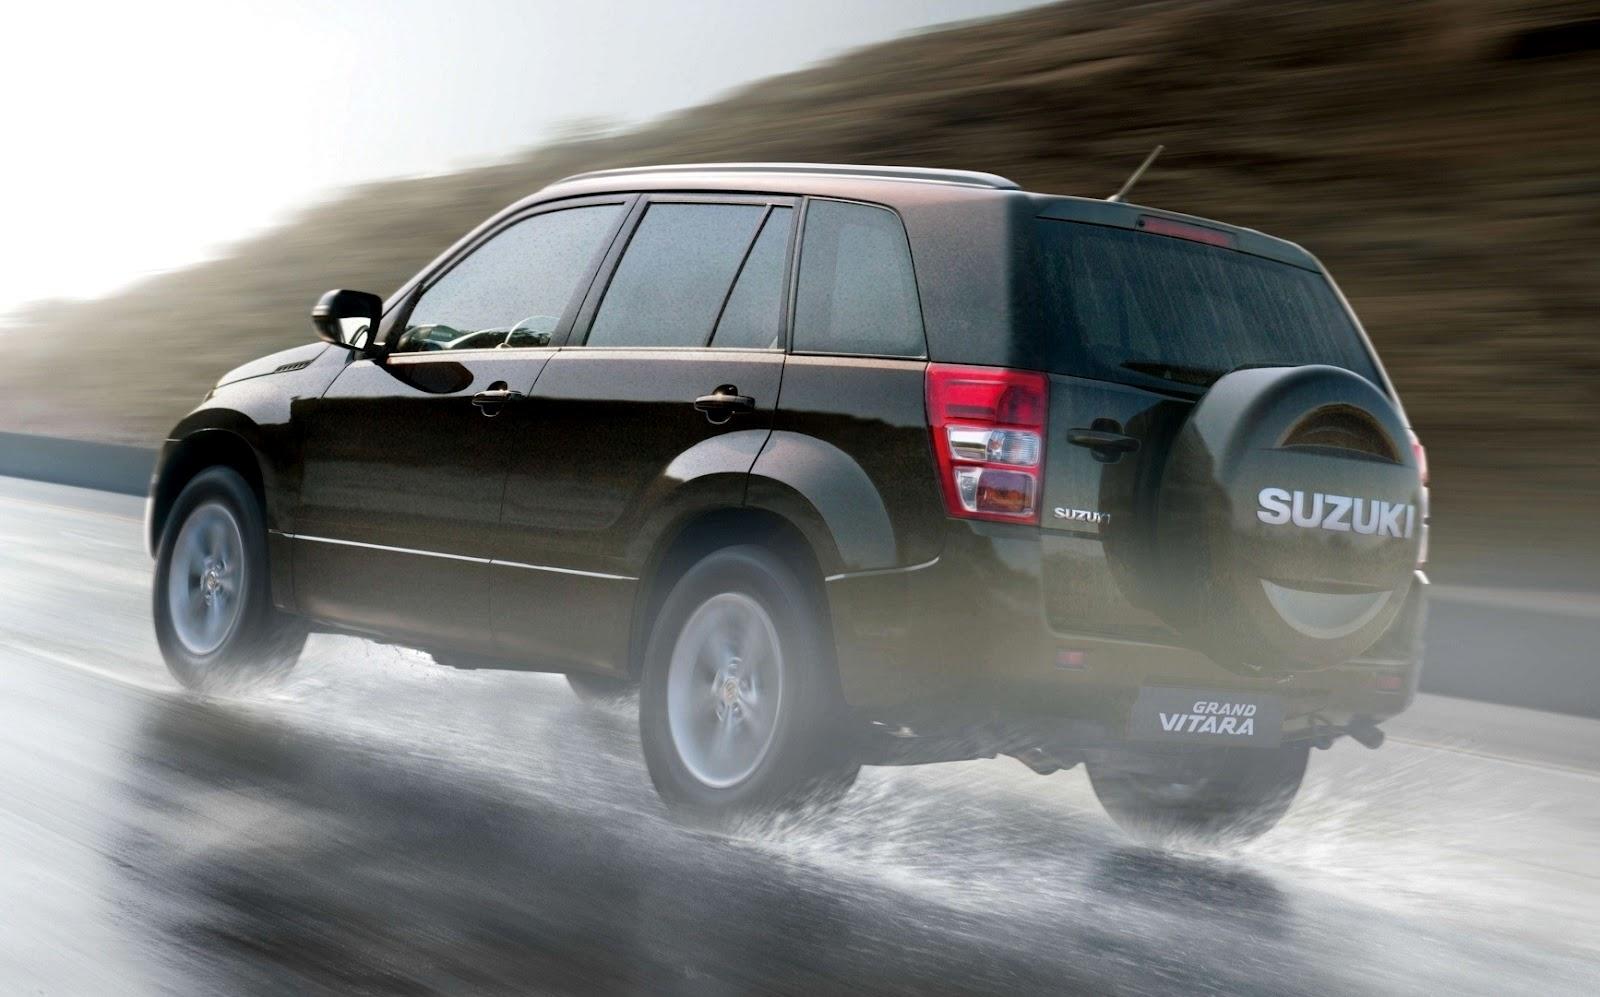 Suzuki Grand Vitara 2013: Para Perú tiene estos precios y versiones